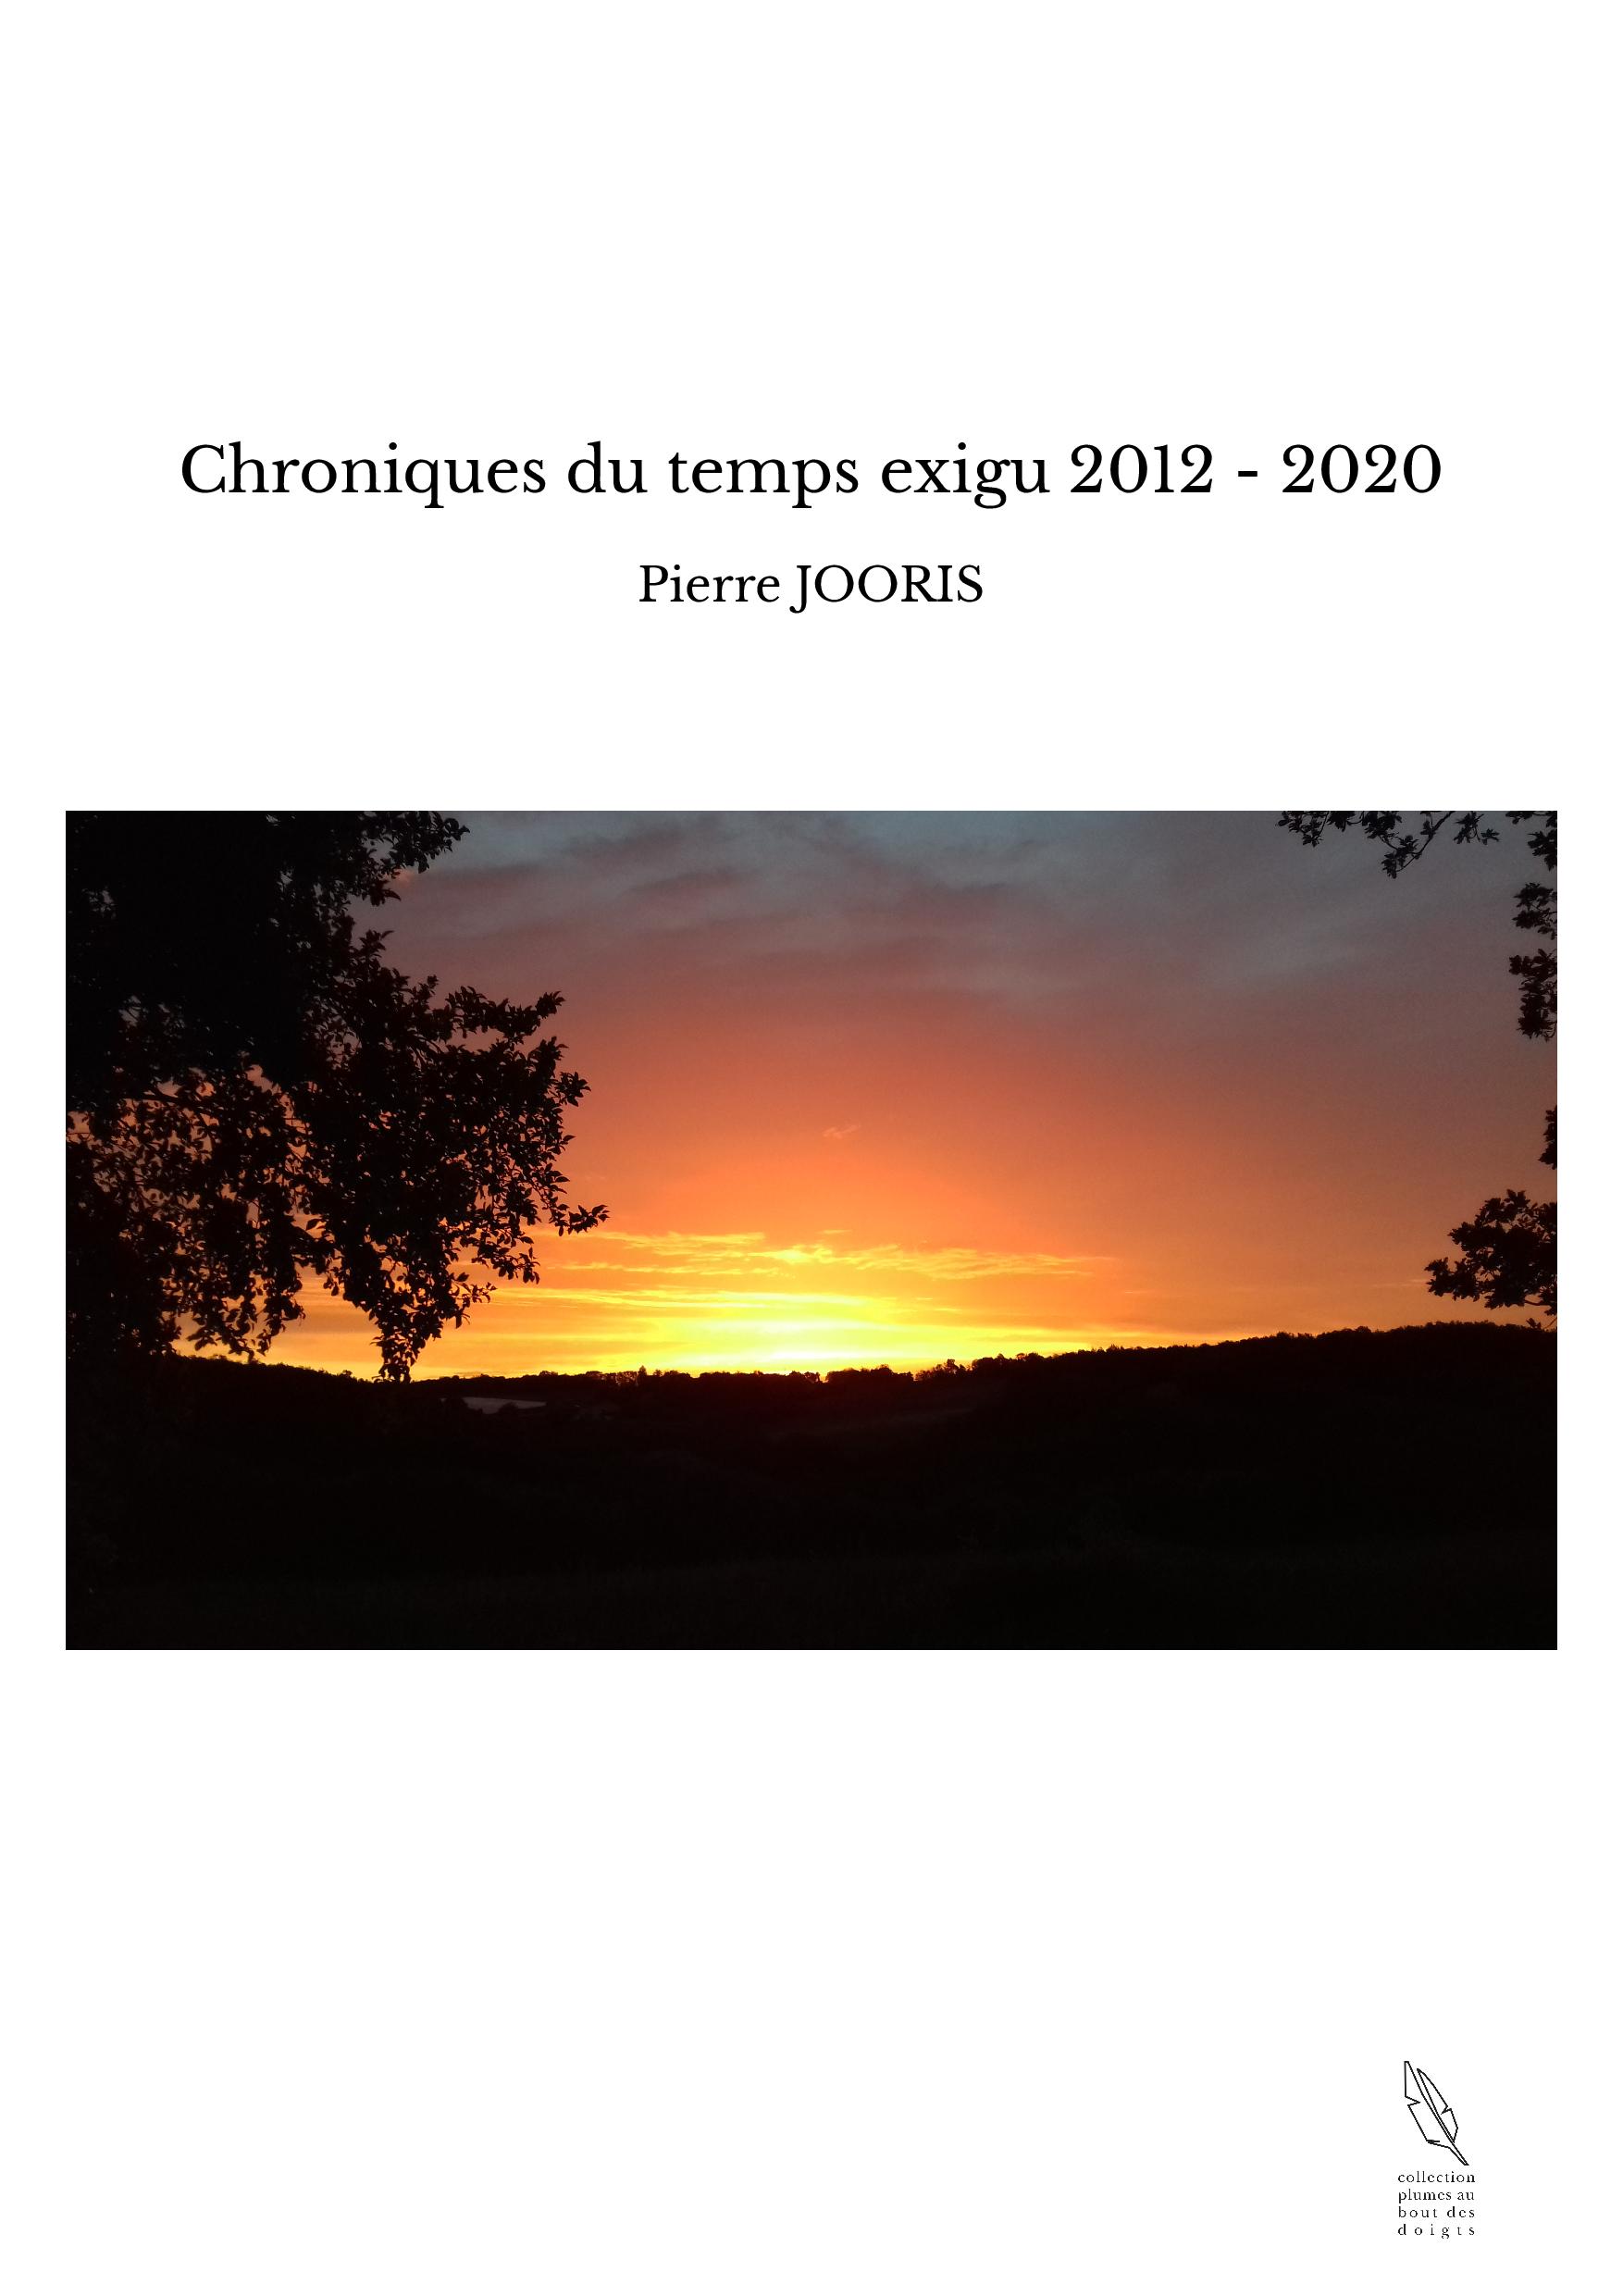 Chroniques du temps exigu 2012 - 2020